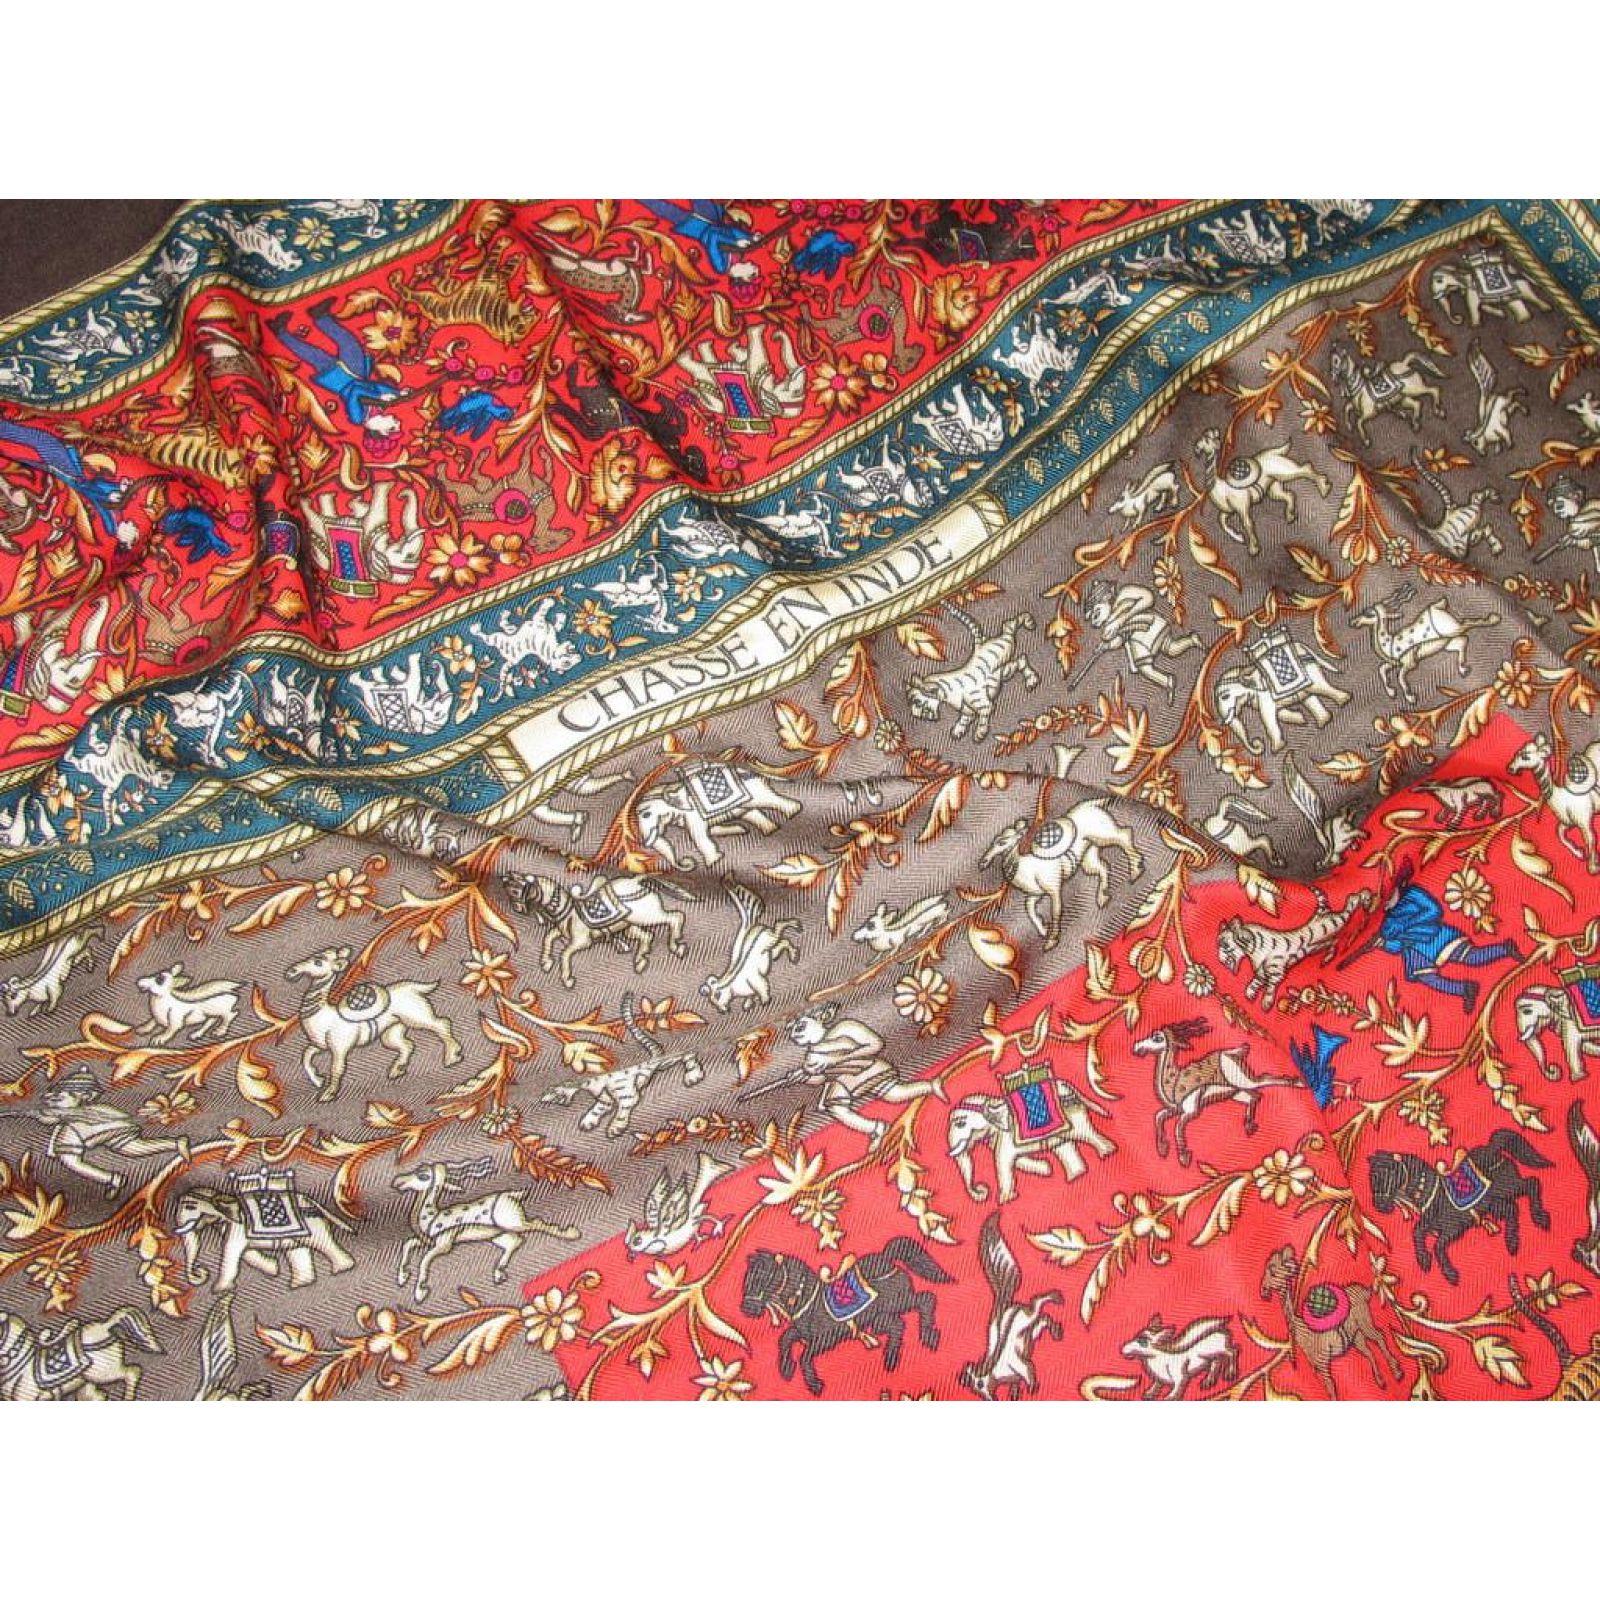 Echarpe cachemire inde - Idée pour s habiller 68031836b69